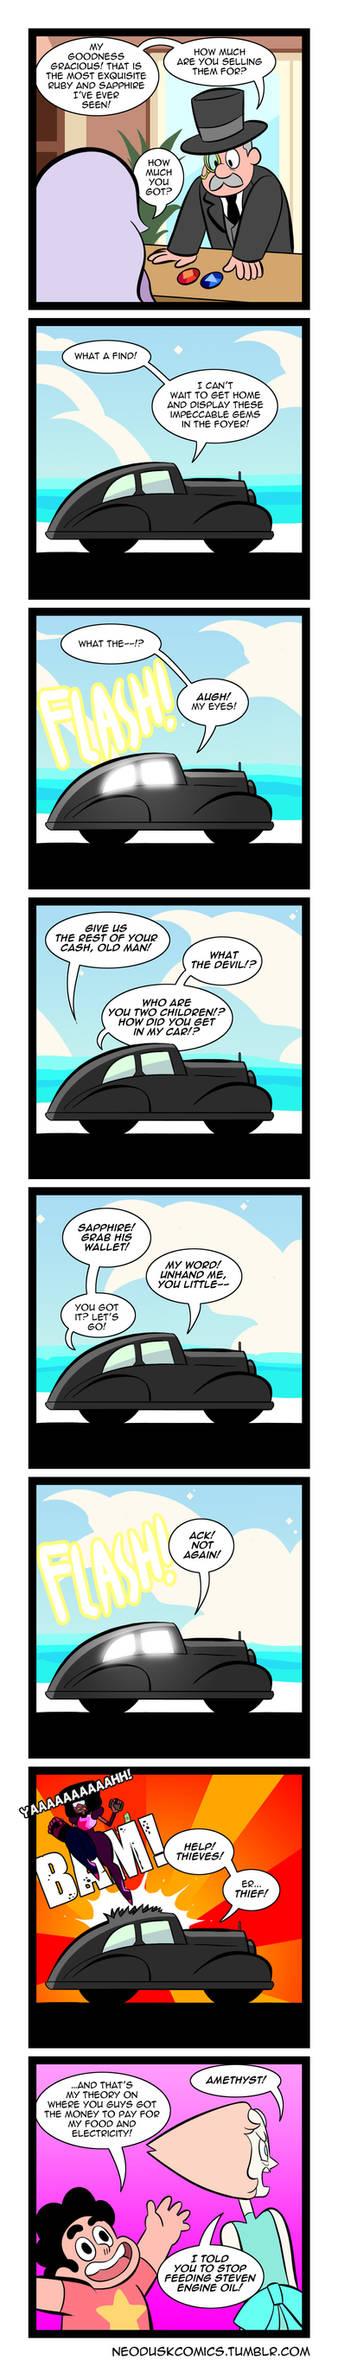 Steven Universe: Foe Gemstones